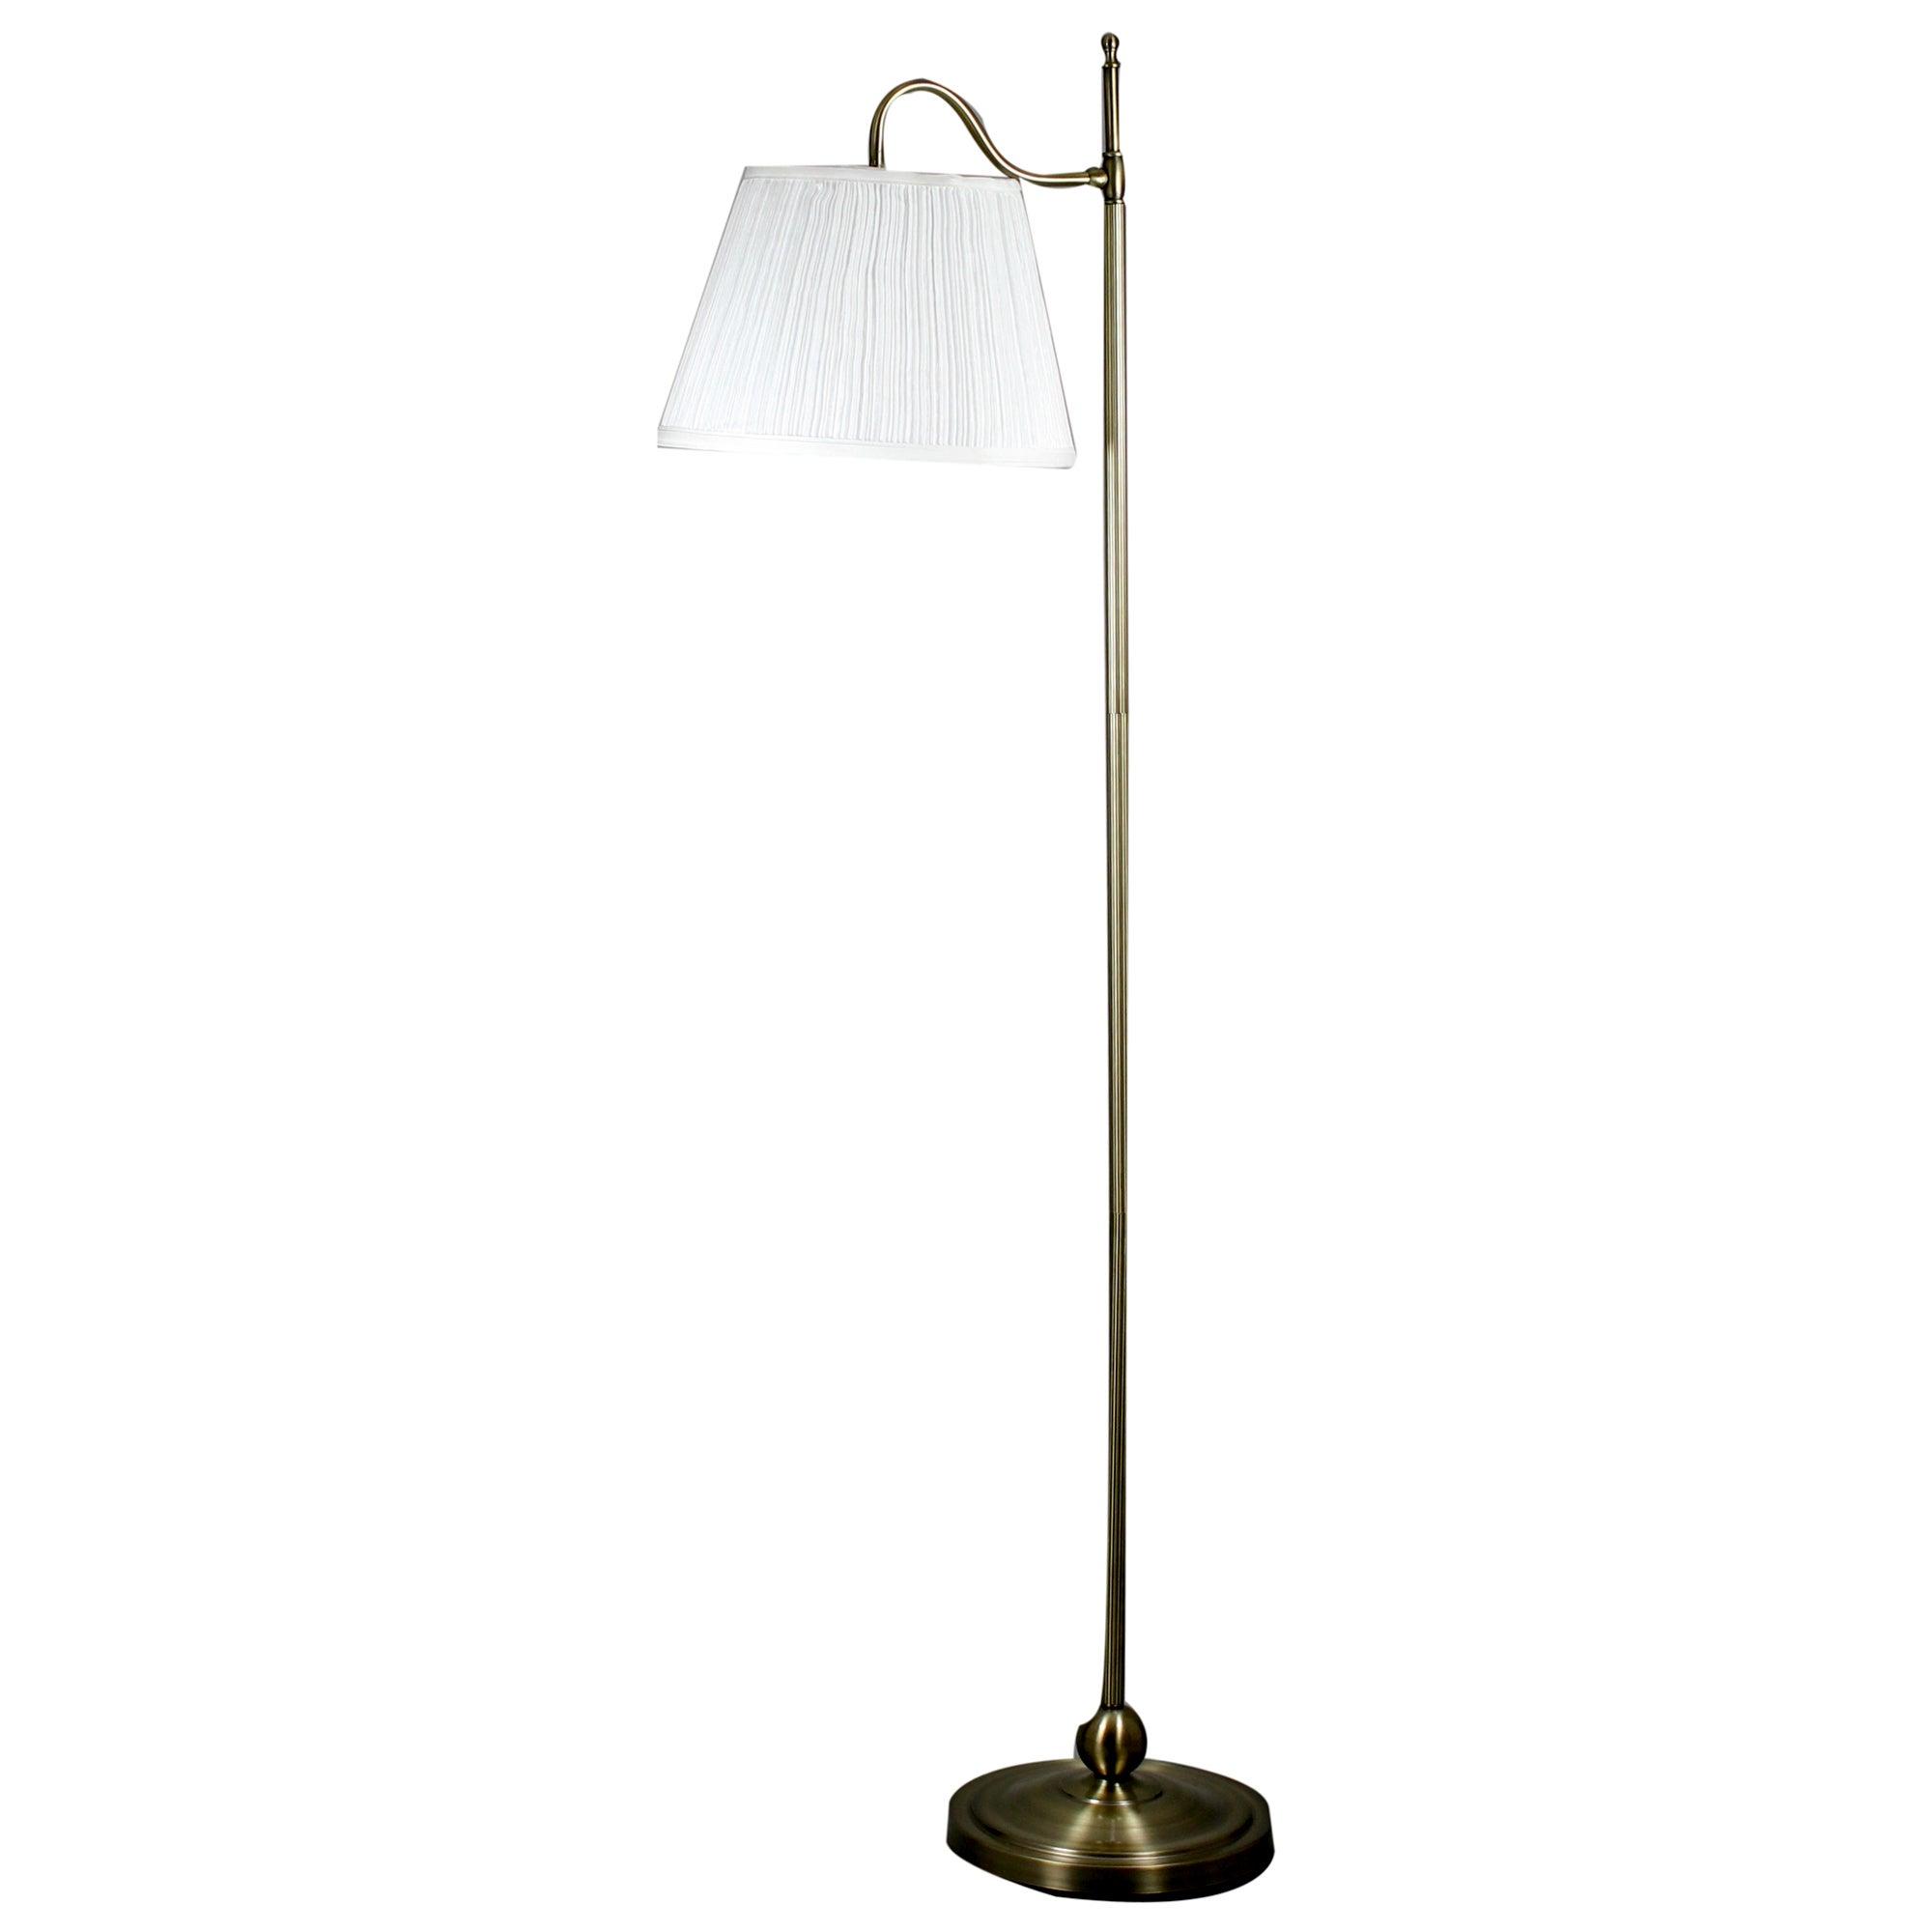 middleton curved floor lamp dunelm. Black Bedroom Furniture Sets. Home Design Ideas